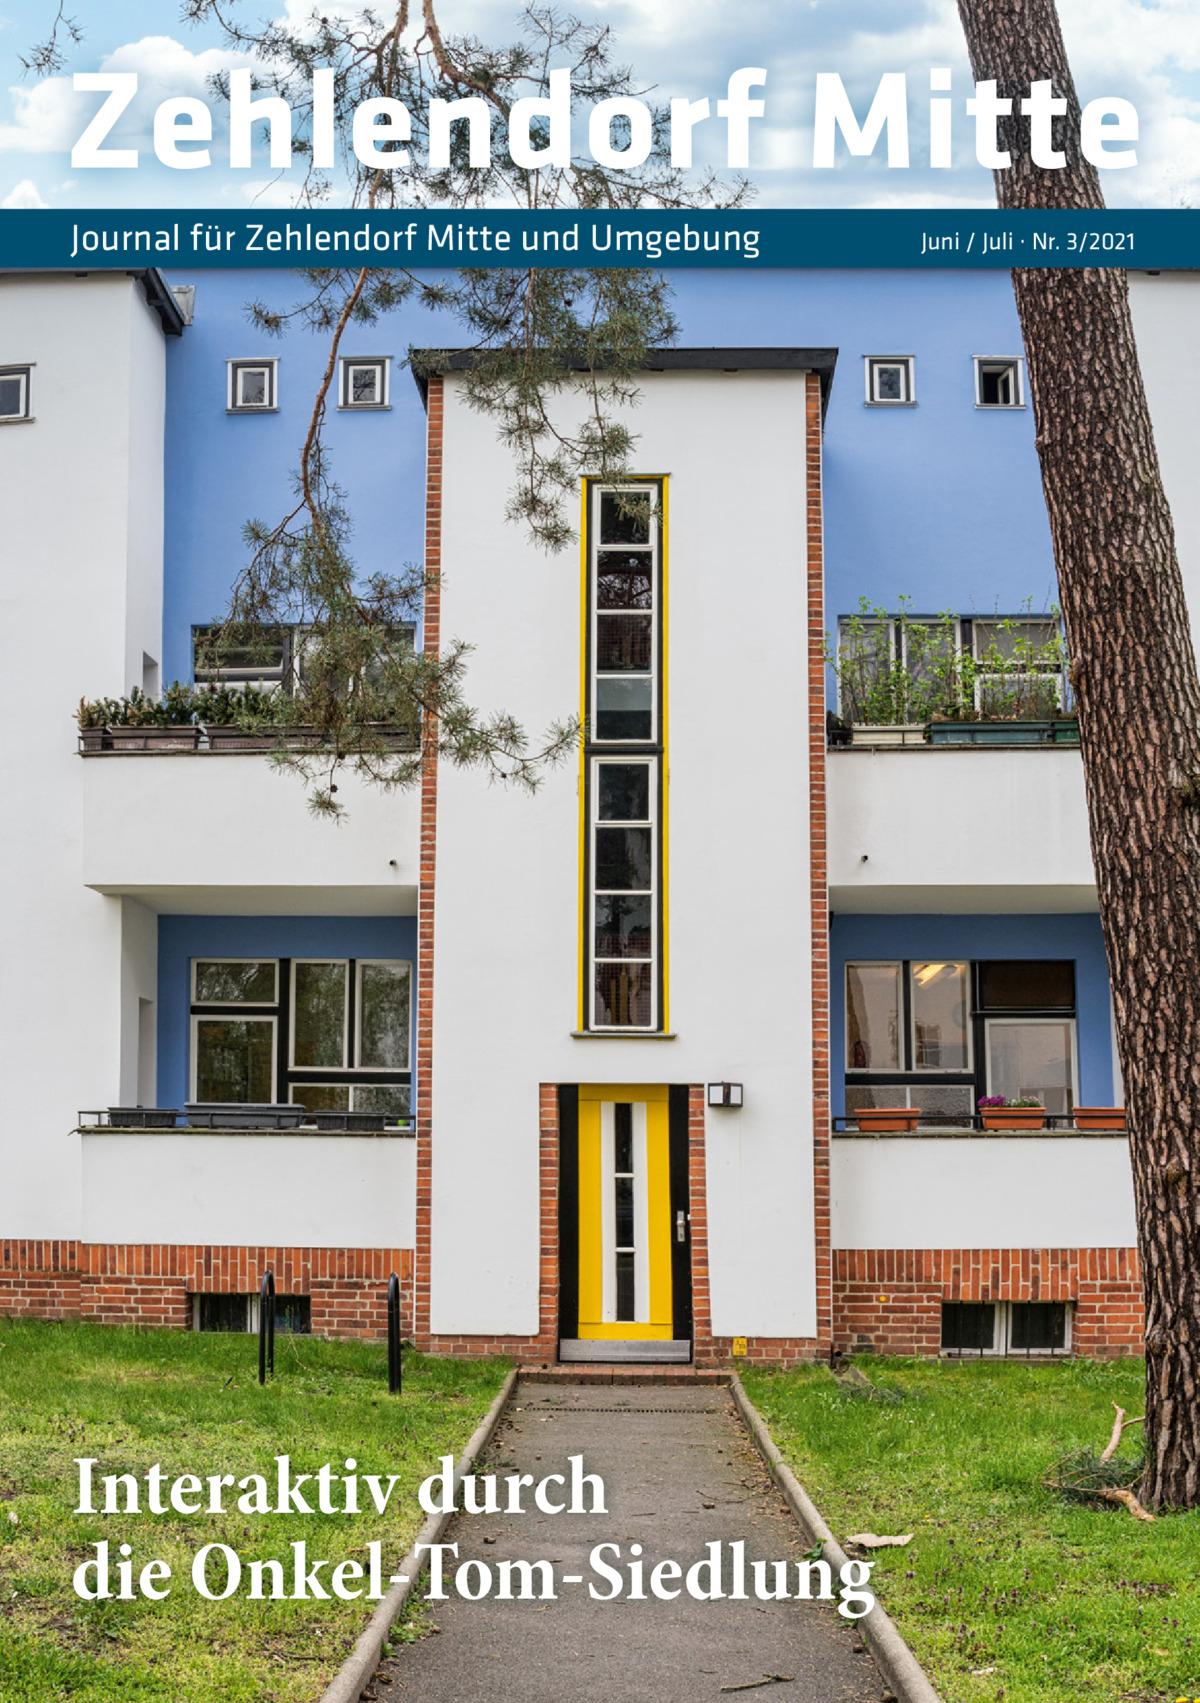 Zehlendorf Mitte Journal für Zehlendorf Mitte und Umgebung  Interaktiv durch die Onkel-Tom-Siedlung  Juni / Juli · Nr. 3/2021